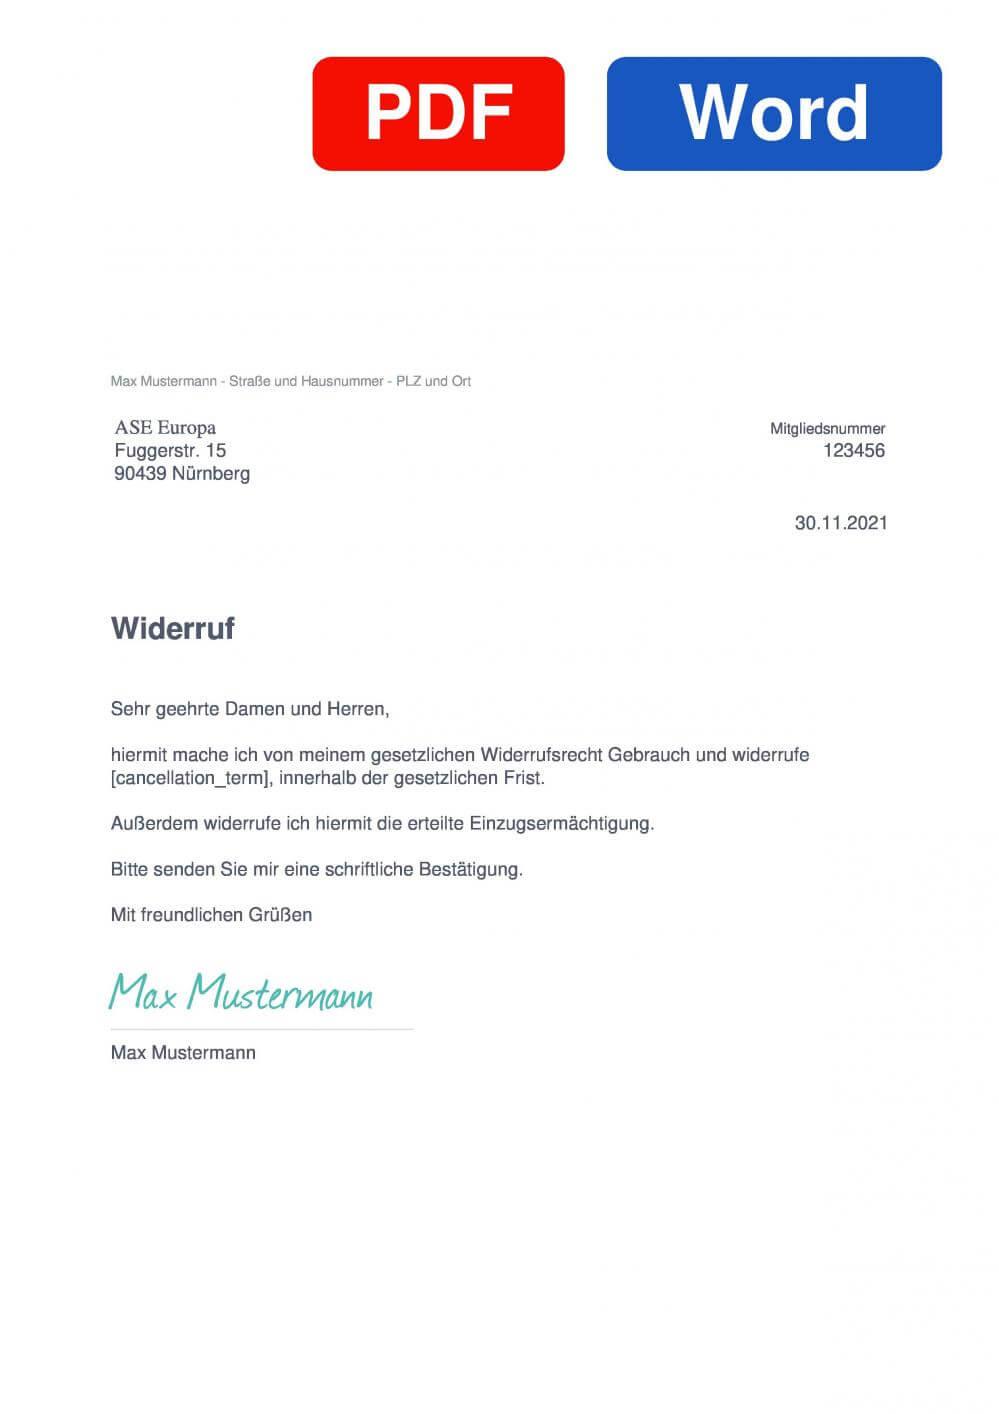 ASE Automobil Service Europa Muster Vorlage für Wiederrufsschreiben